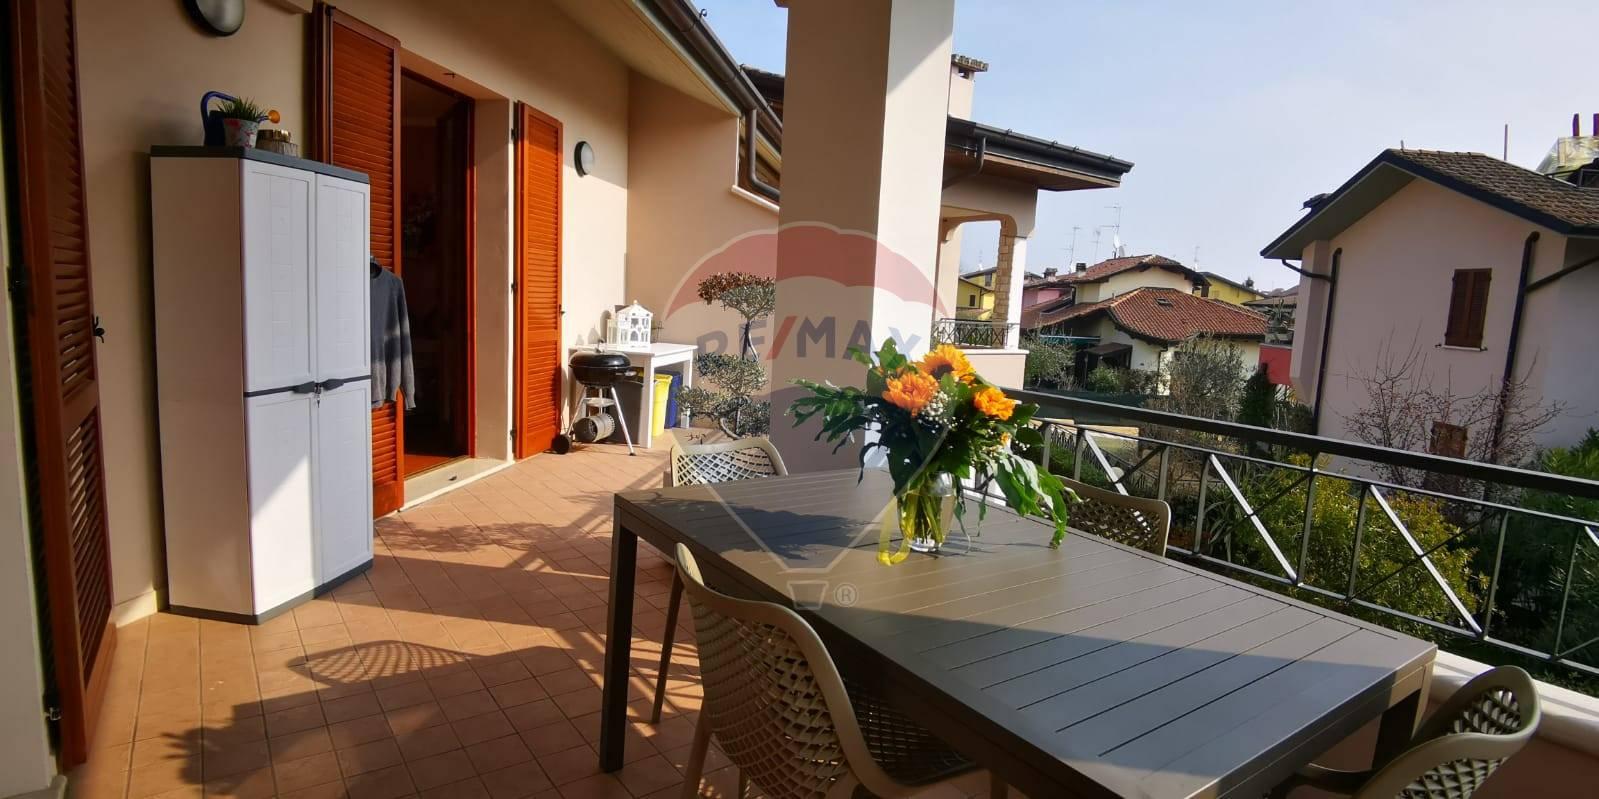 Appartamento in vendita a Moniga del Garda, 3 locali, prezzo € 240.000 | PortaleAgenzieImmobiliari.it